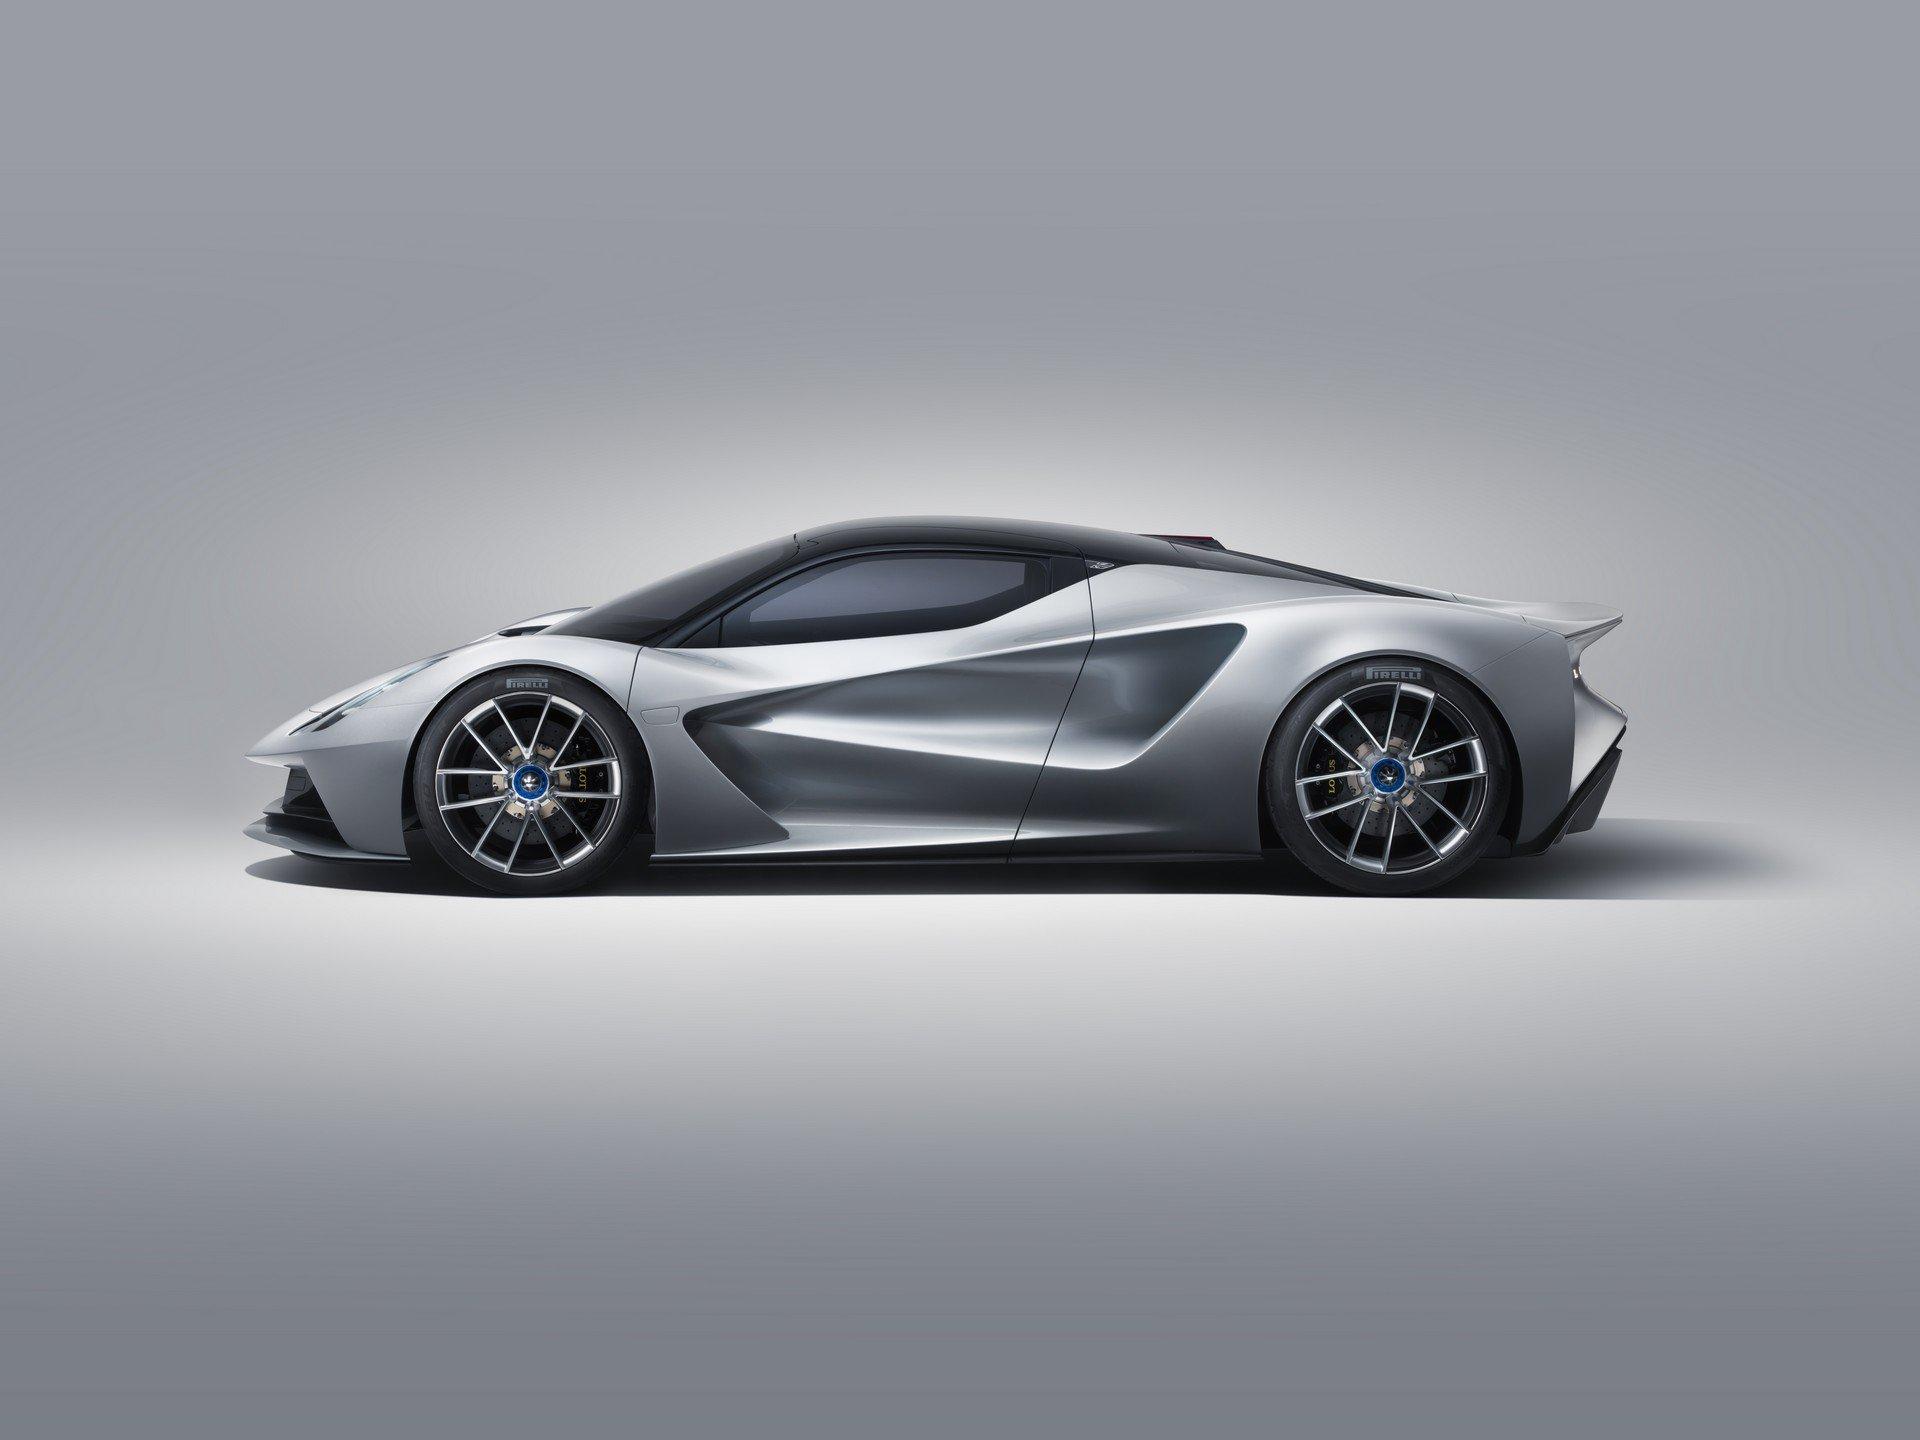 Lotus Evija: электрический самый мощный в мире дорожный автомобиль